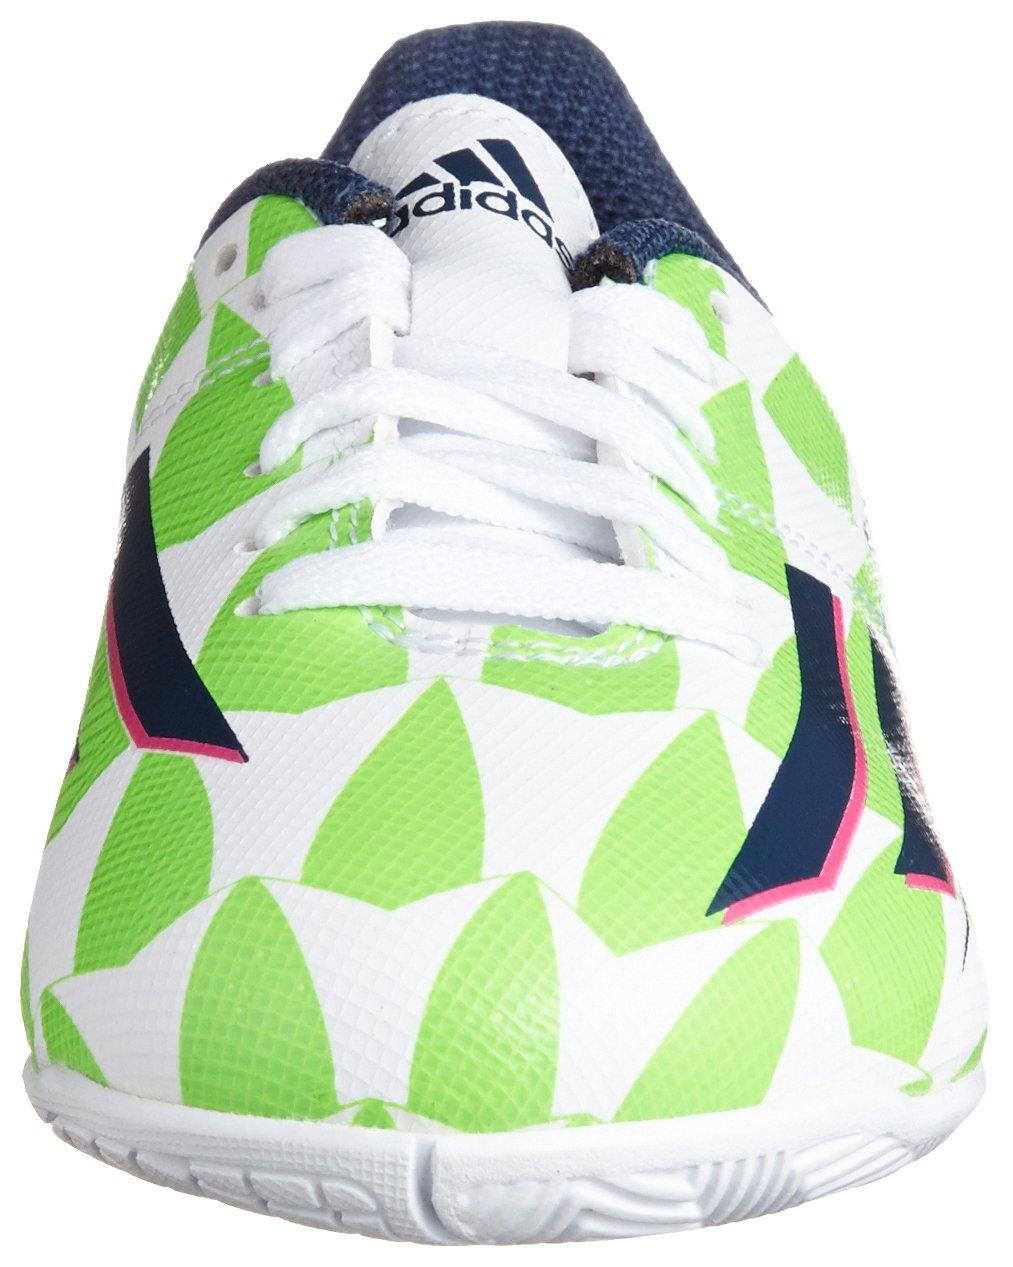 big sale dd9ec 3a9a1 Adidas F5 IN J BLAURUNWHT - 4 Amazon.de Sport  Freizeit